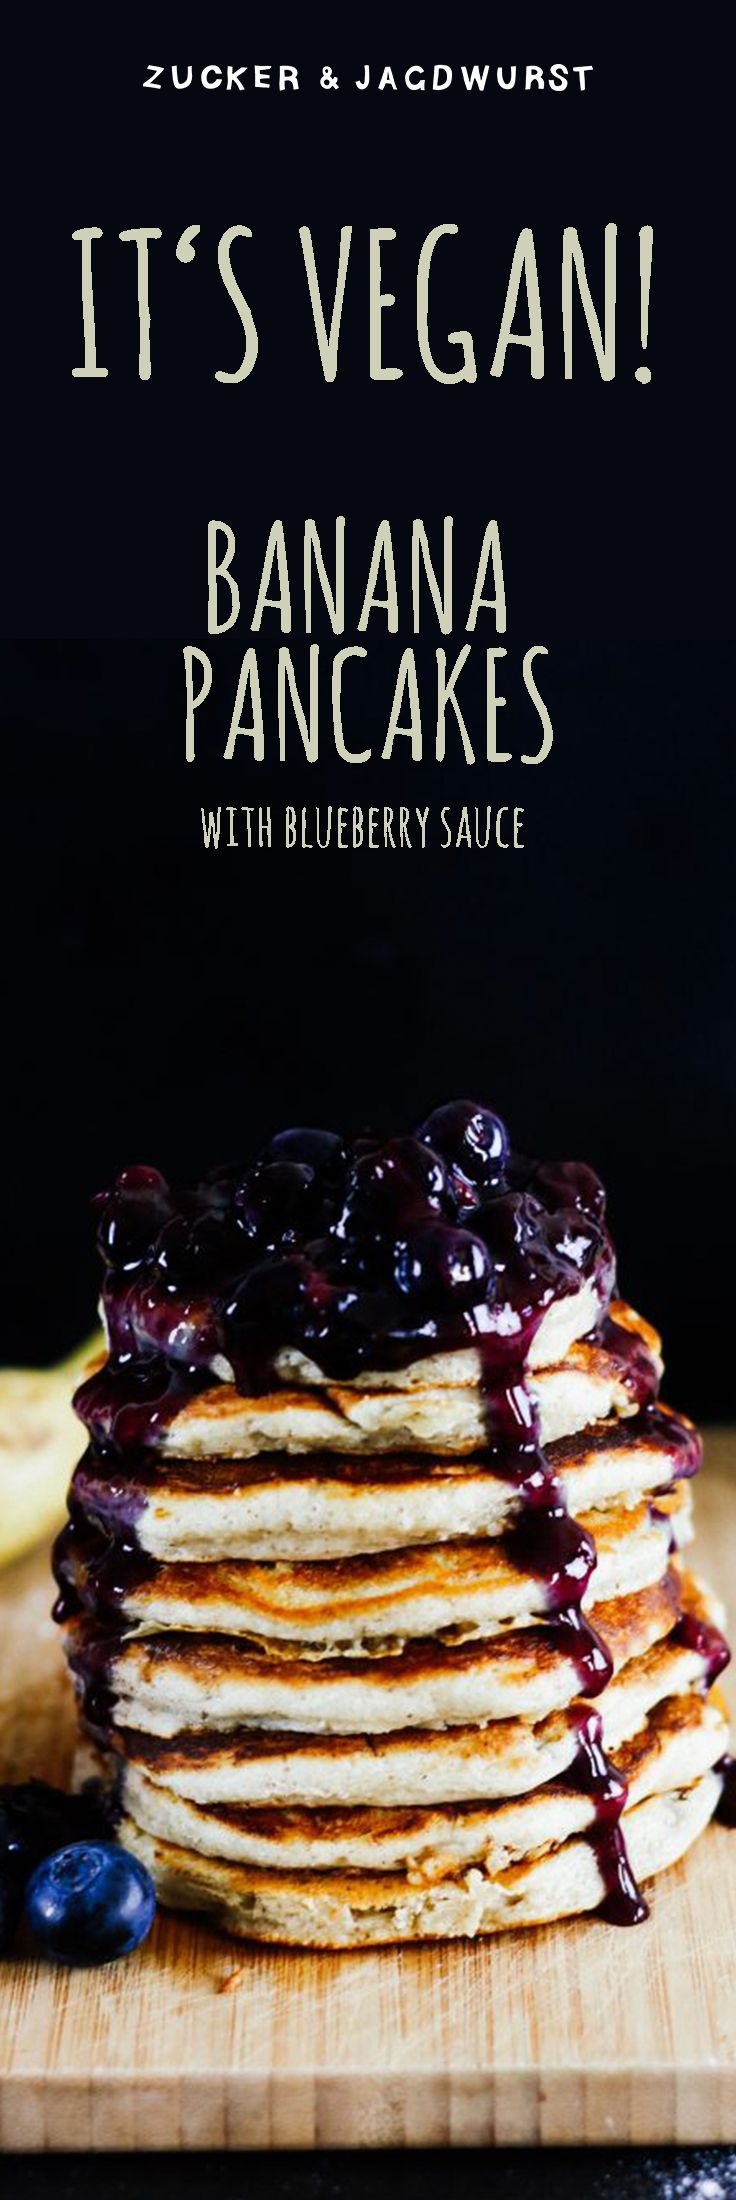 Vegan Banana Pancakes with Blueberry Sauce